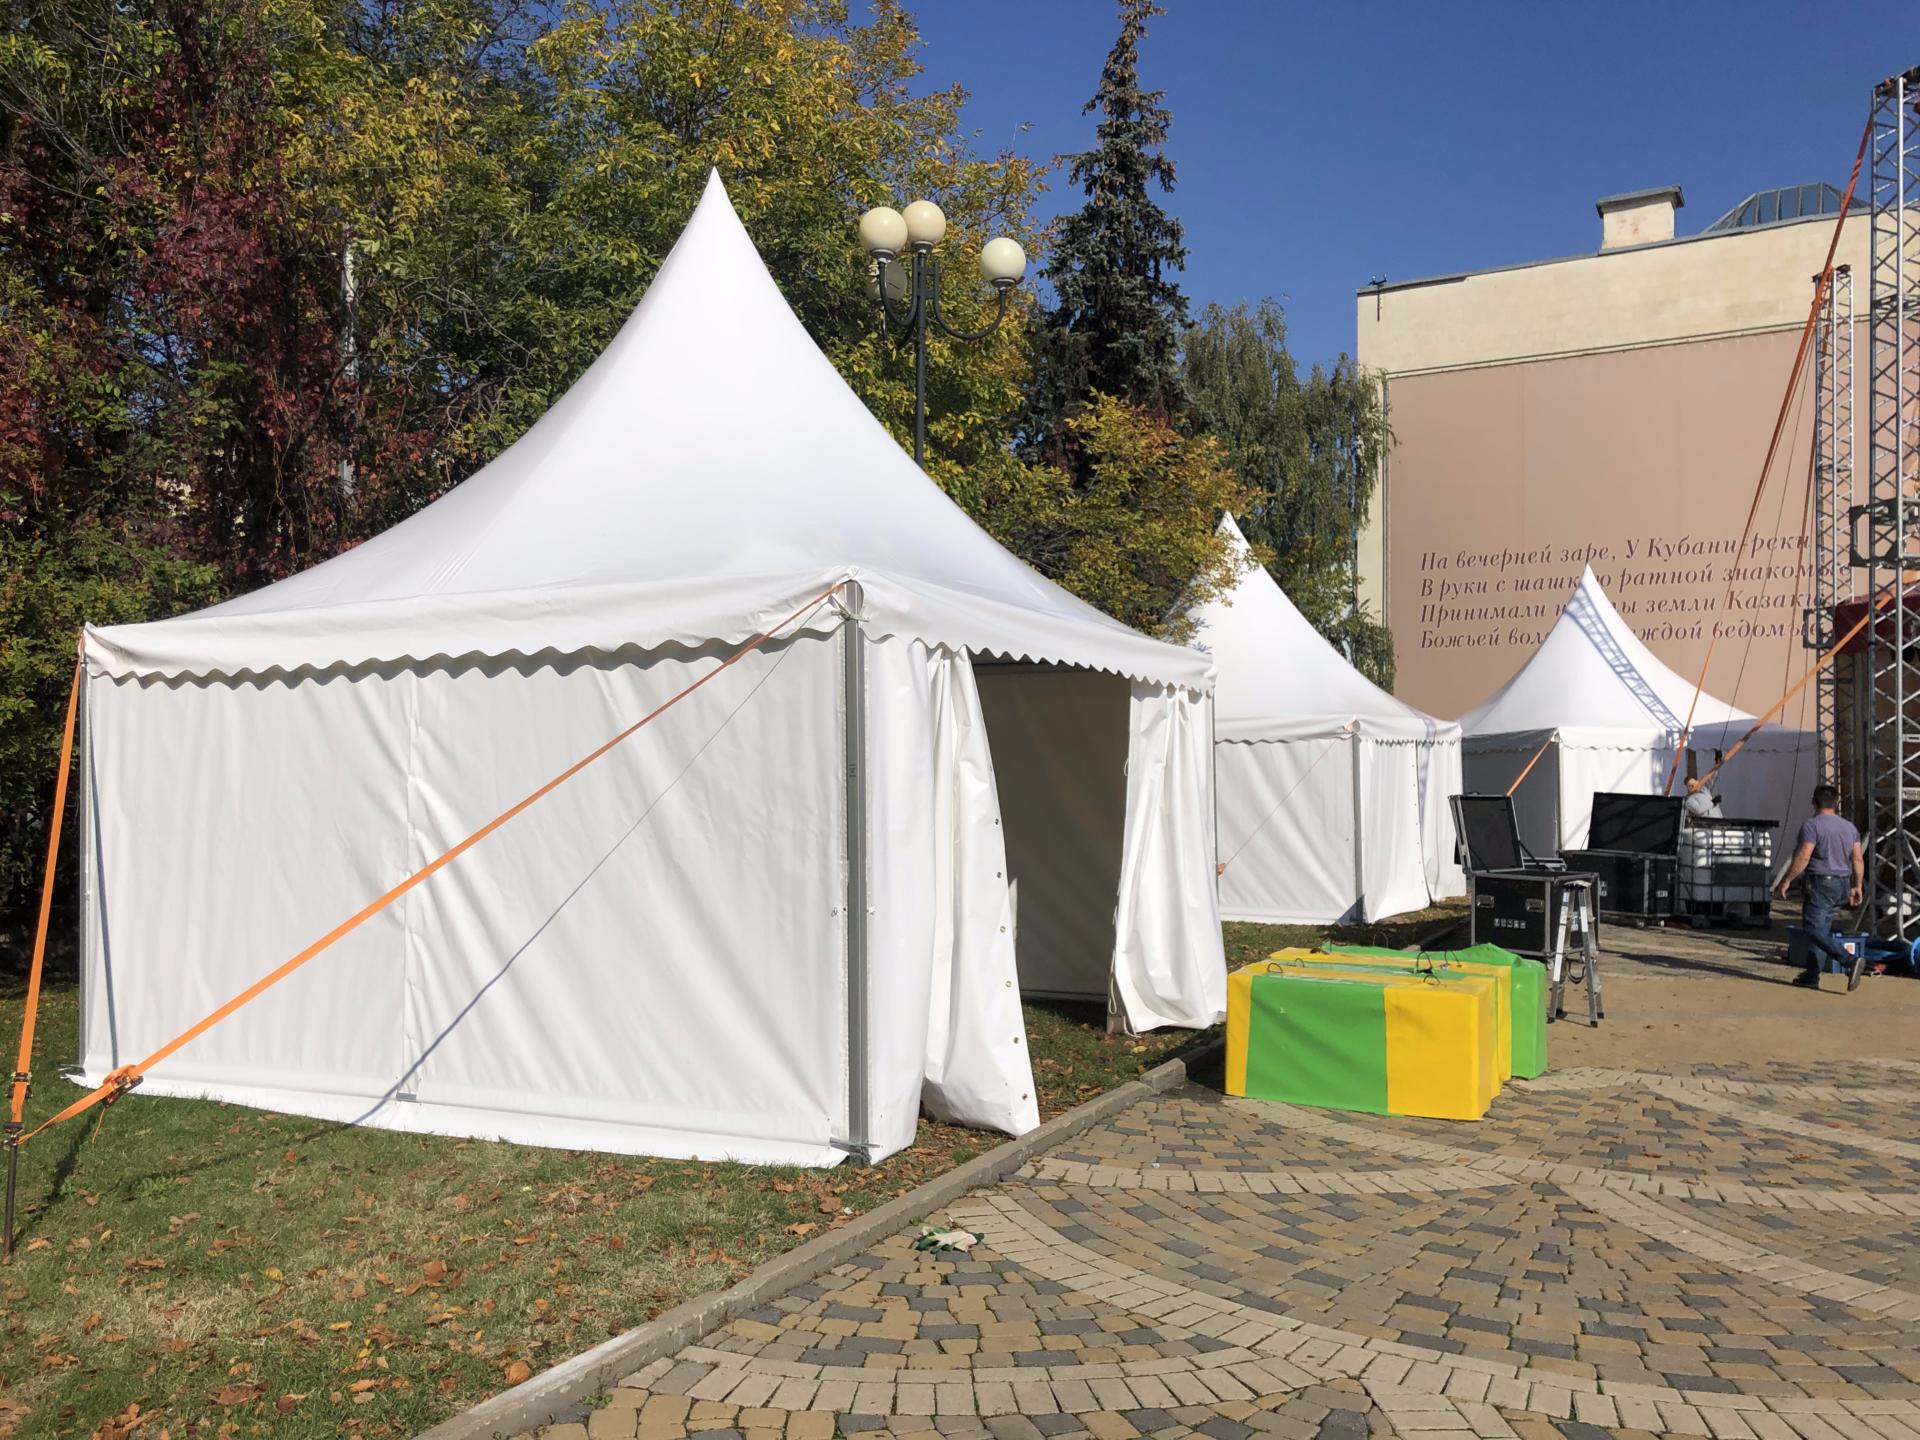 2019 10 12 10 11 50 - Аренда шатра и оборудования для гримерок